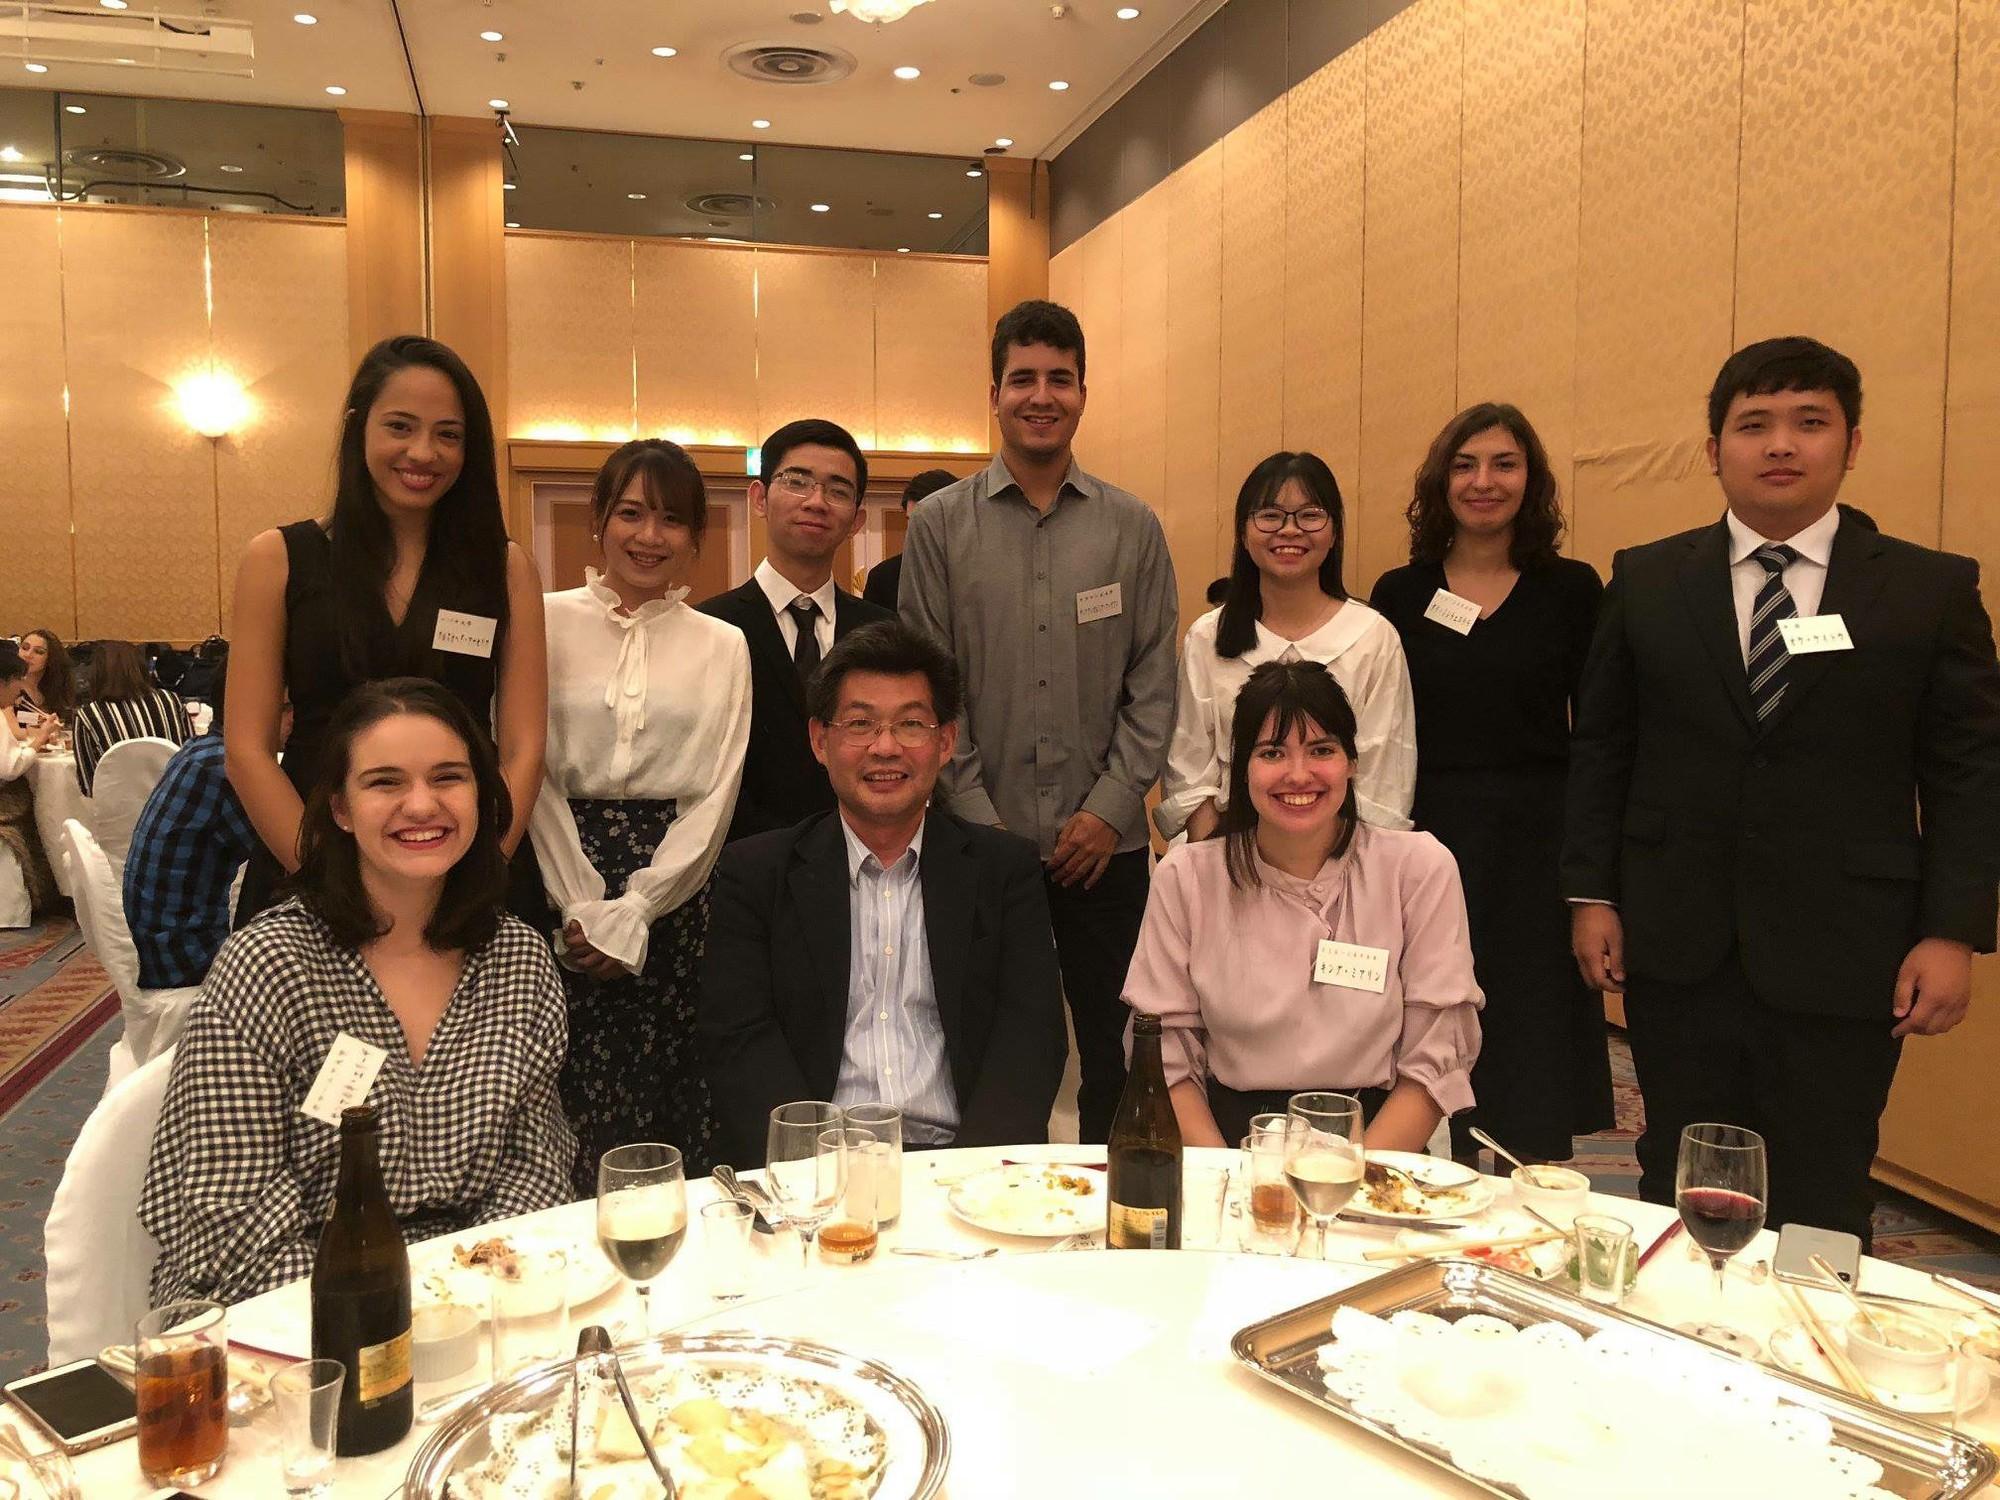 Chia sẻ của du học sinh Việt tại Nhật: Rau xanh là thứ đắt nhất và thứ gây nhớ nhung nhất là cơm nhà - Ảnh 3.